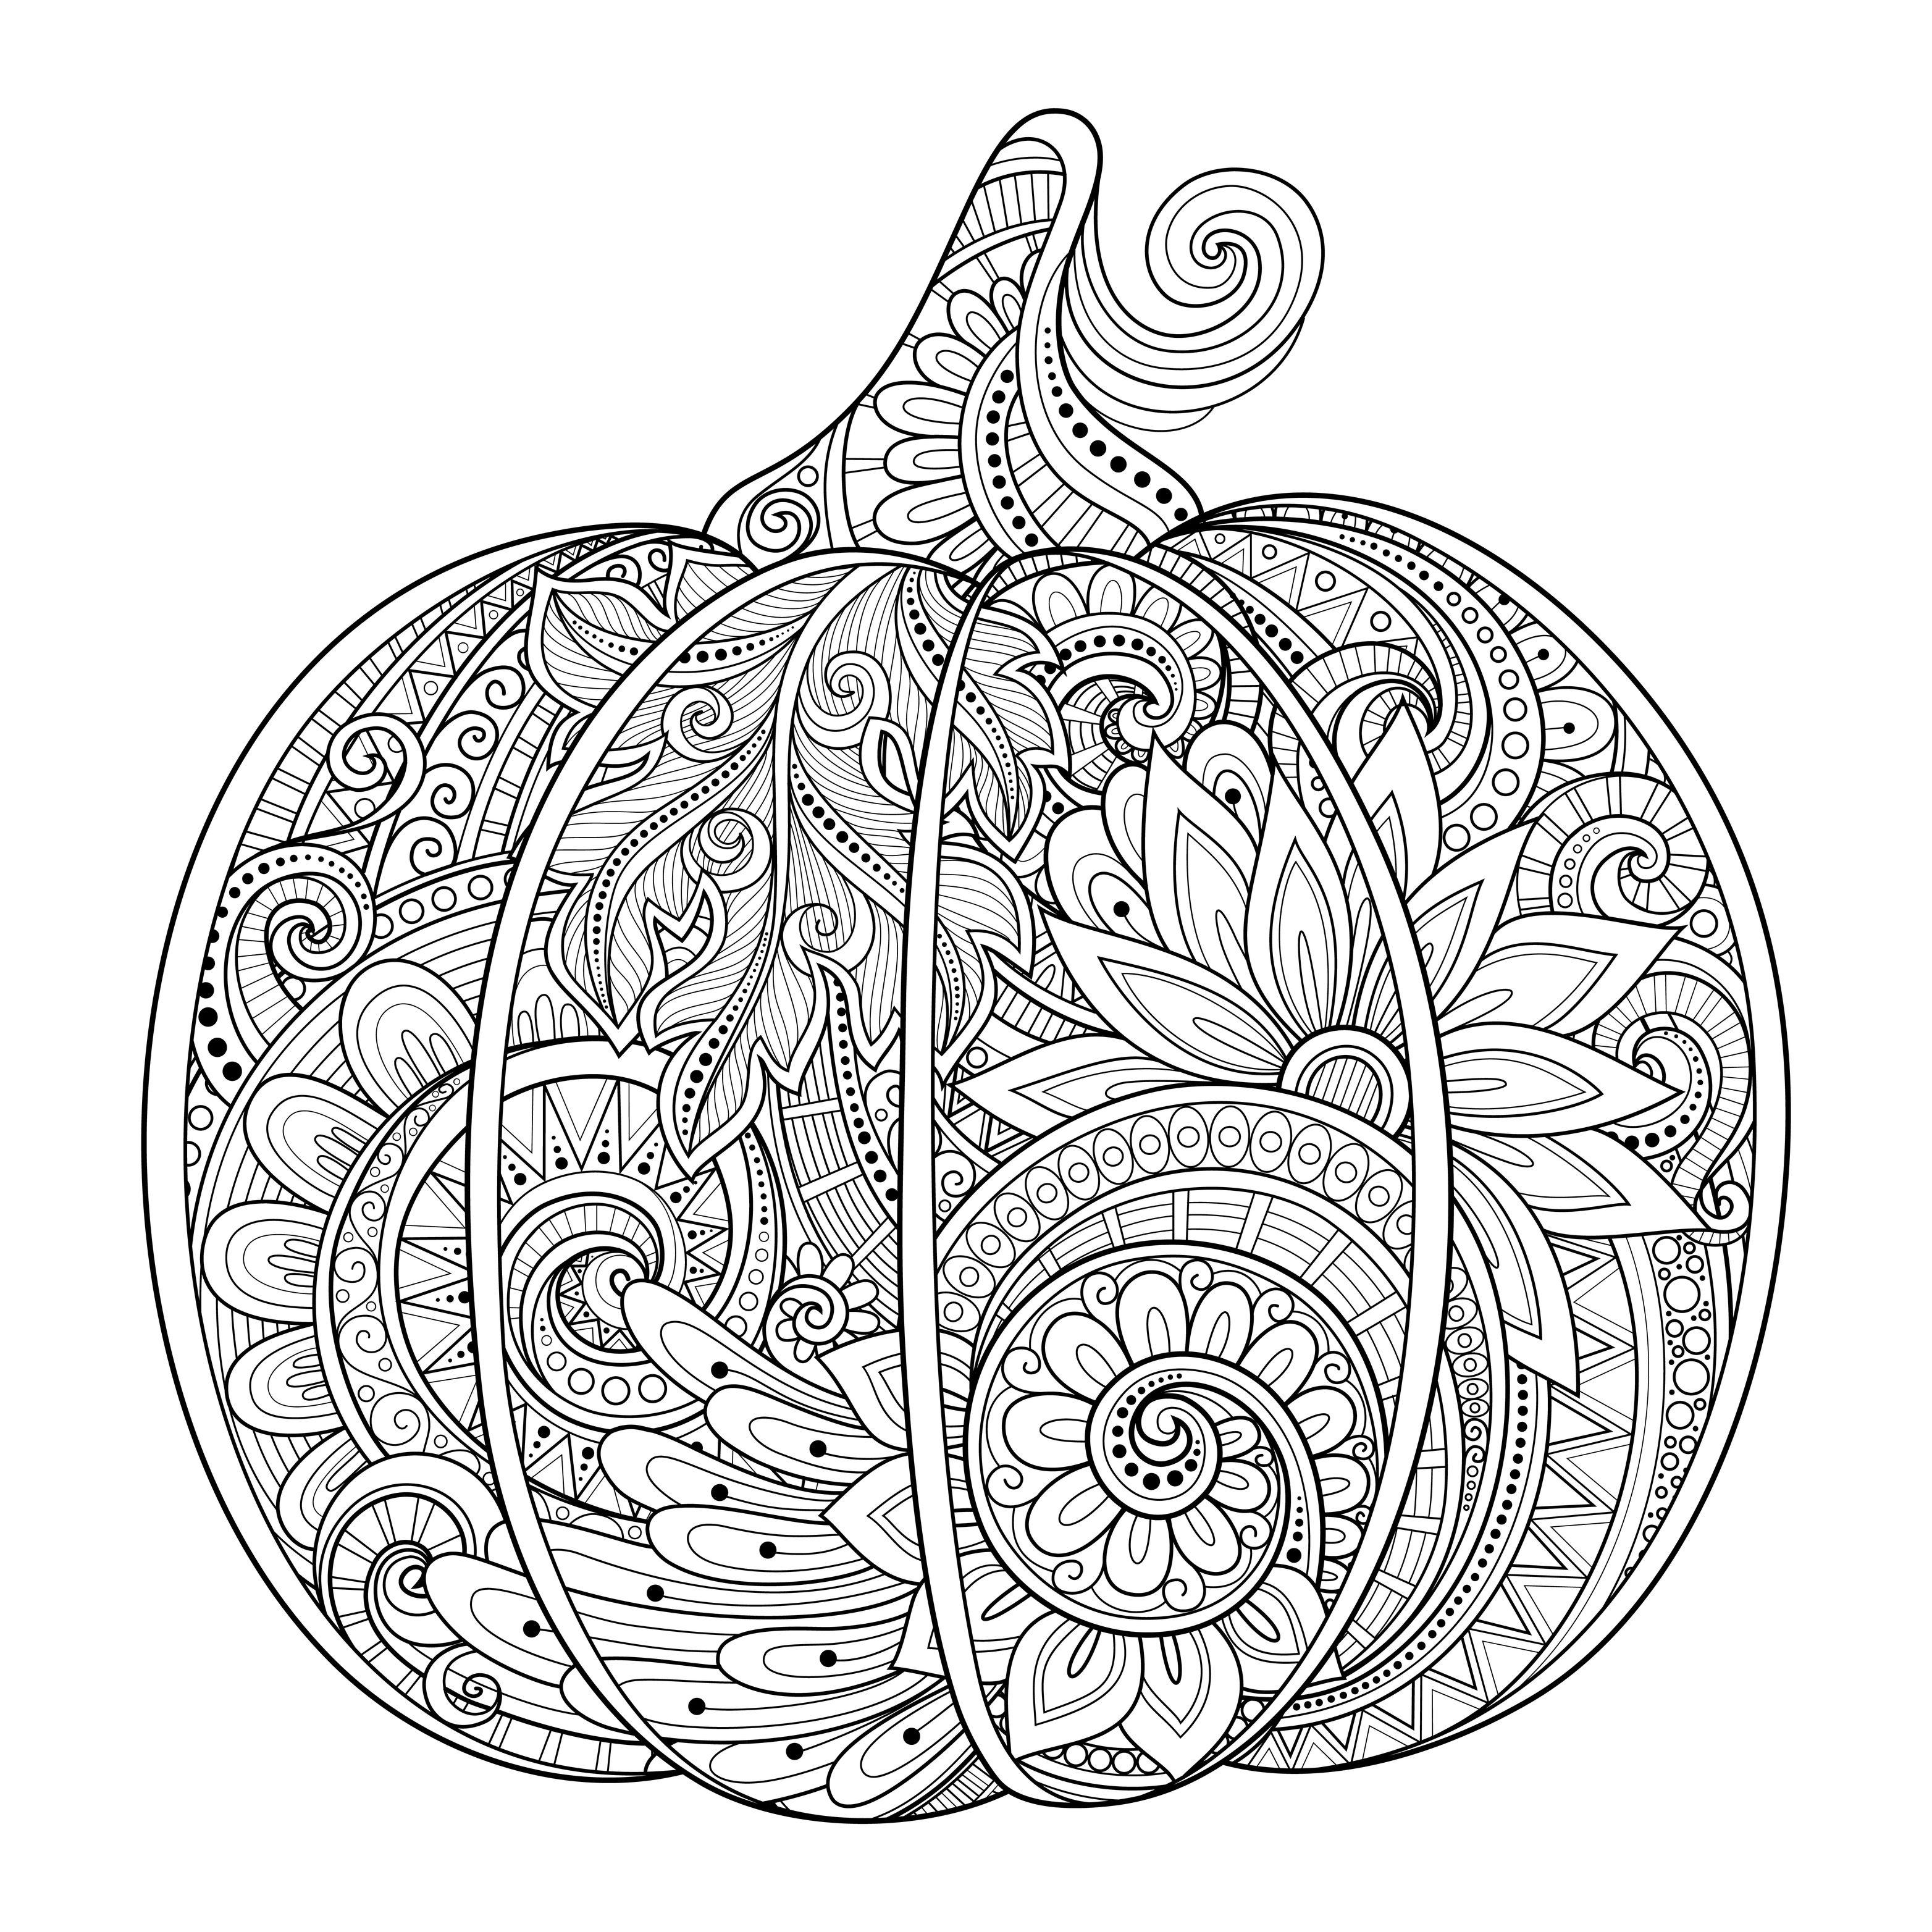 Coloring Page Of Pumpkin Halloween Pumpkin Zentangle Source 123rf Irinarivoruchko Zentangle